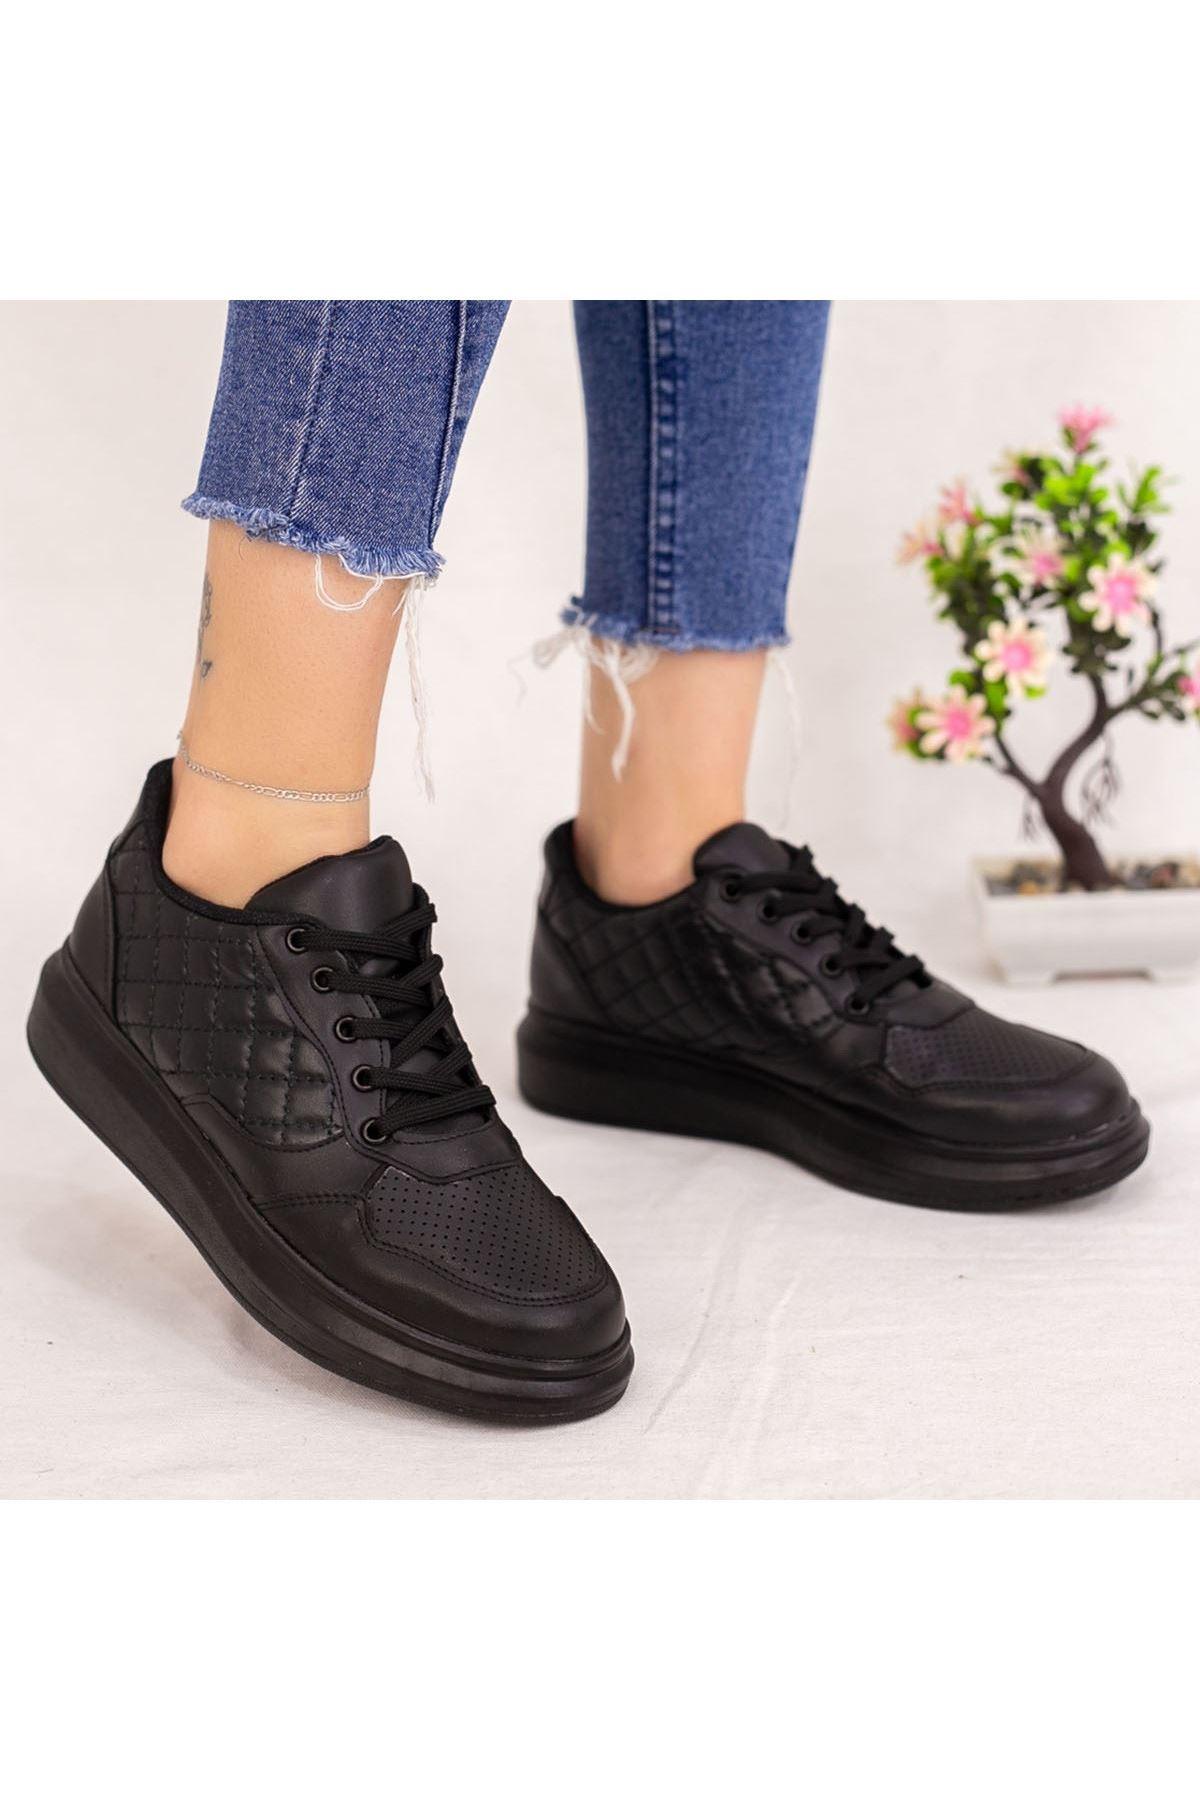 Lari Siyah Cilt Bağcıklı Spor Ayakkabı